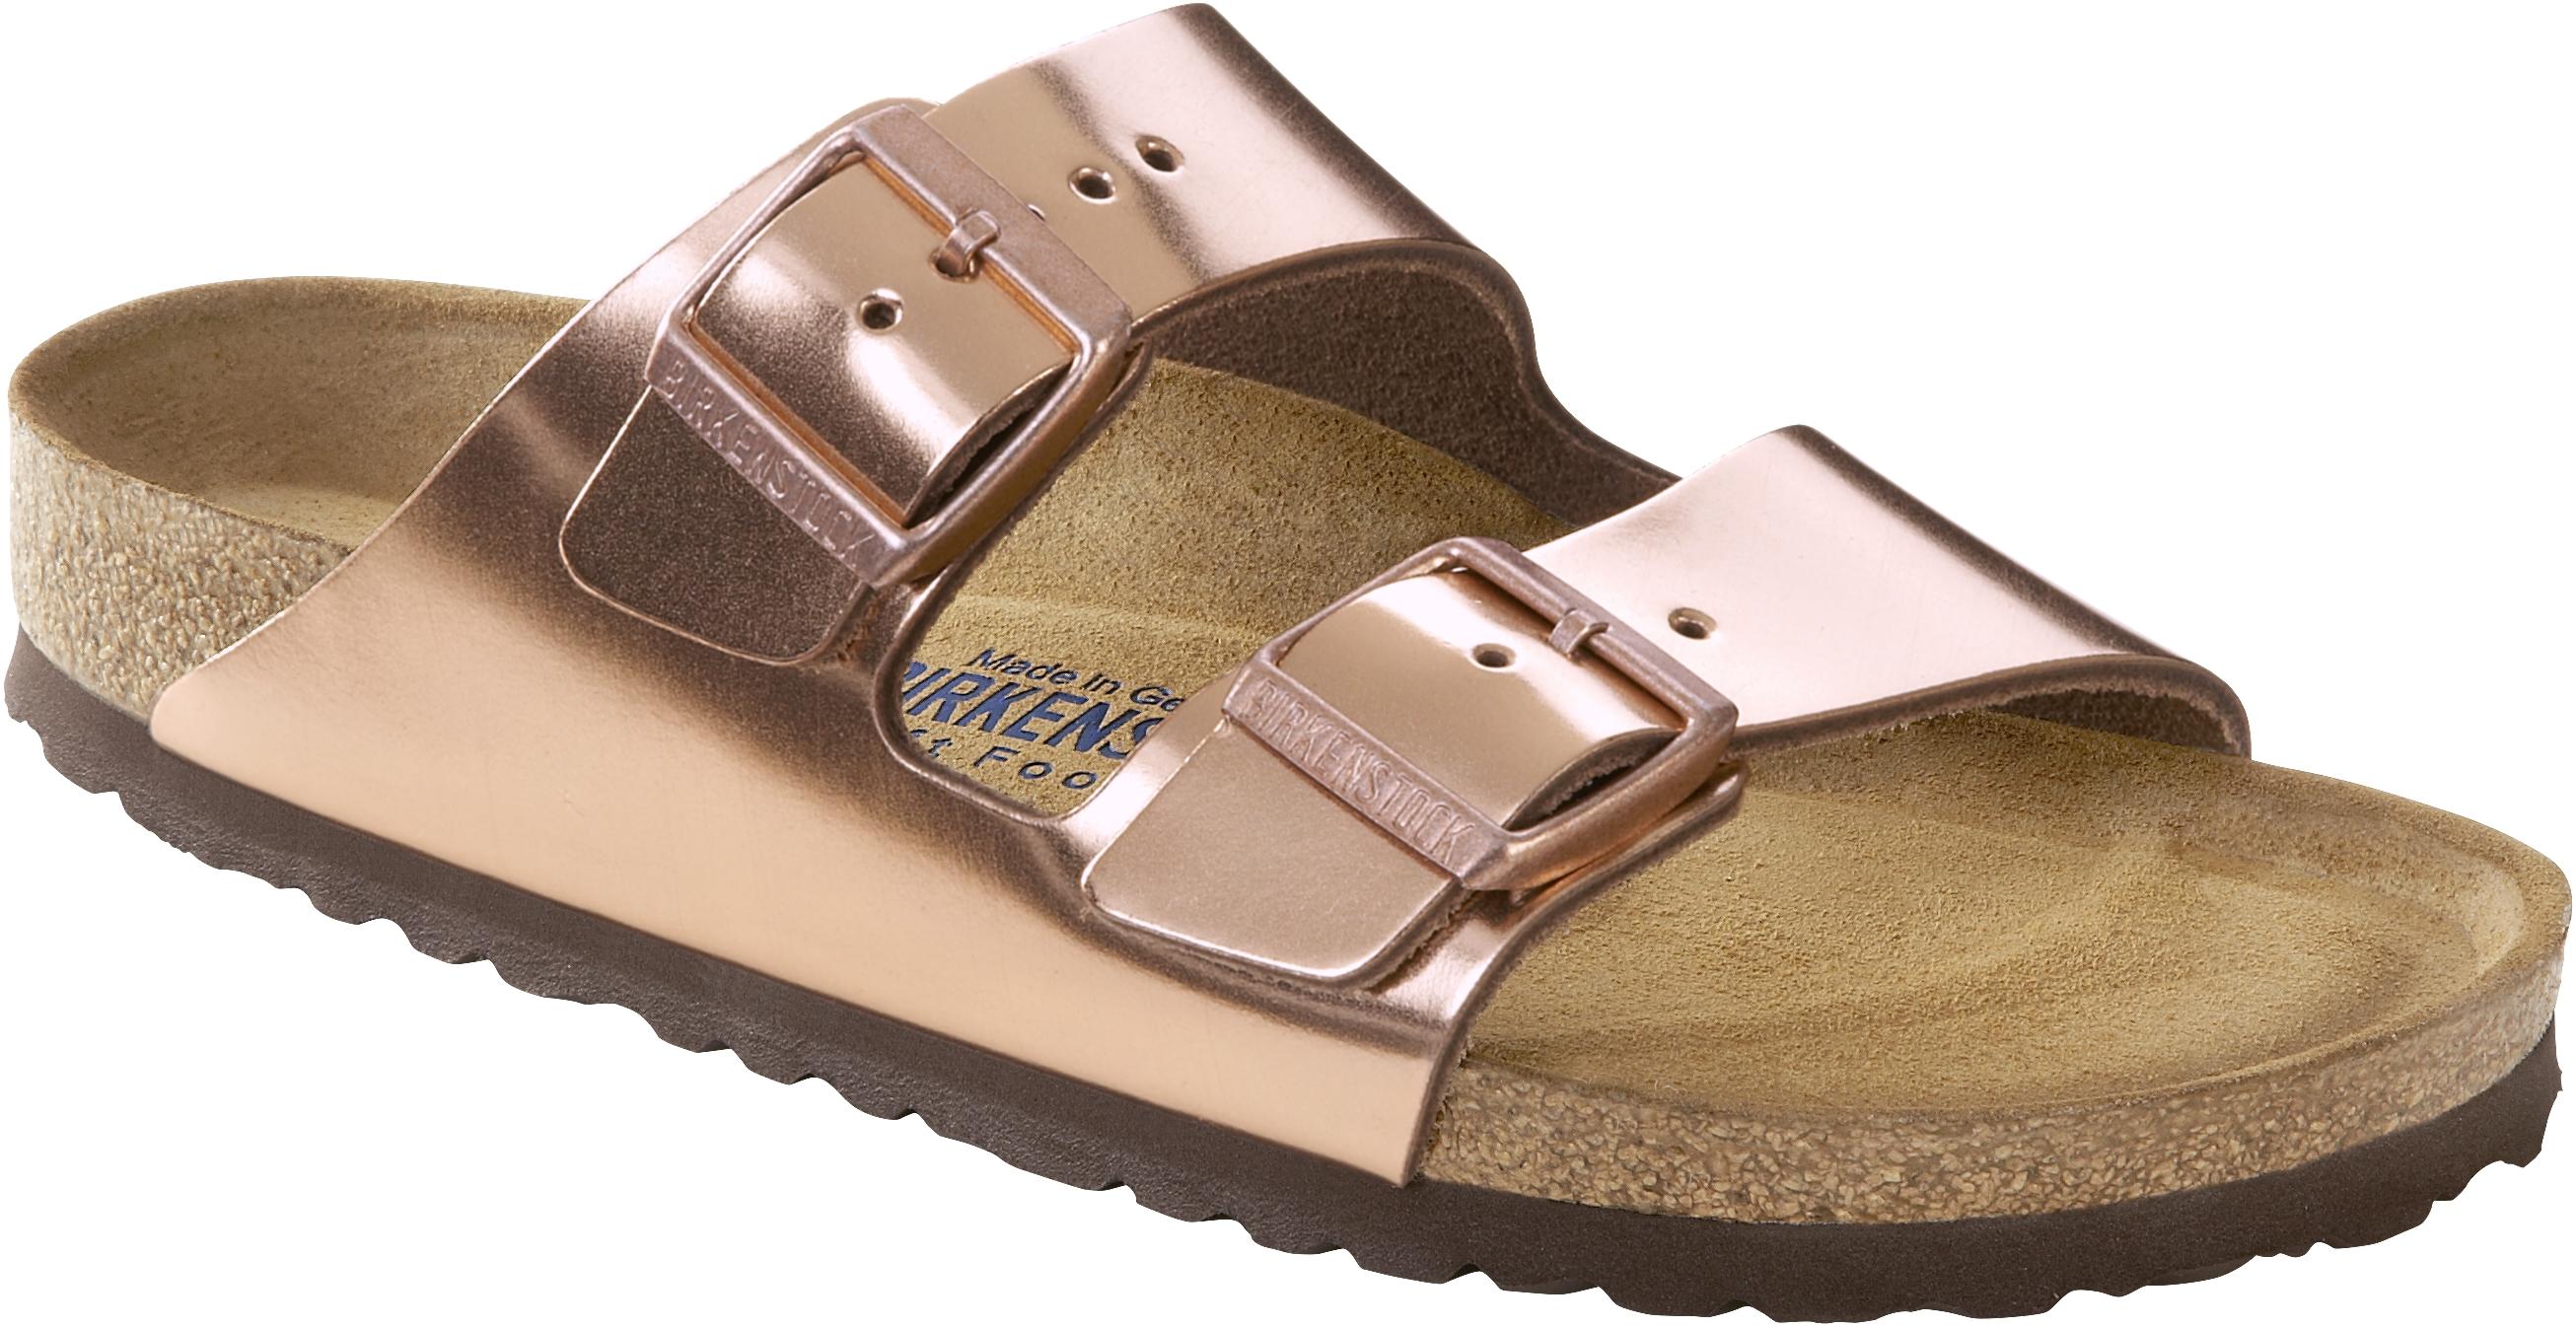 c87282e04b93e8 Birkenstock Pantolette Arizona NL WB Metallic Copper Gr. 35 - 43 - 752723